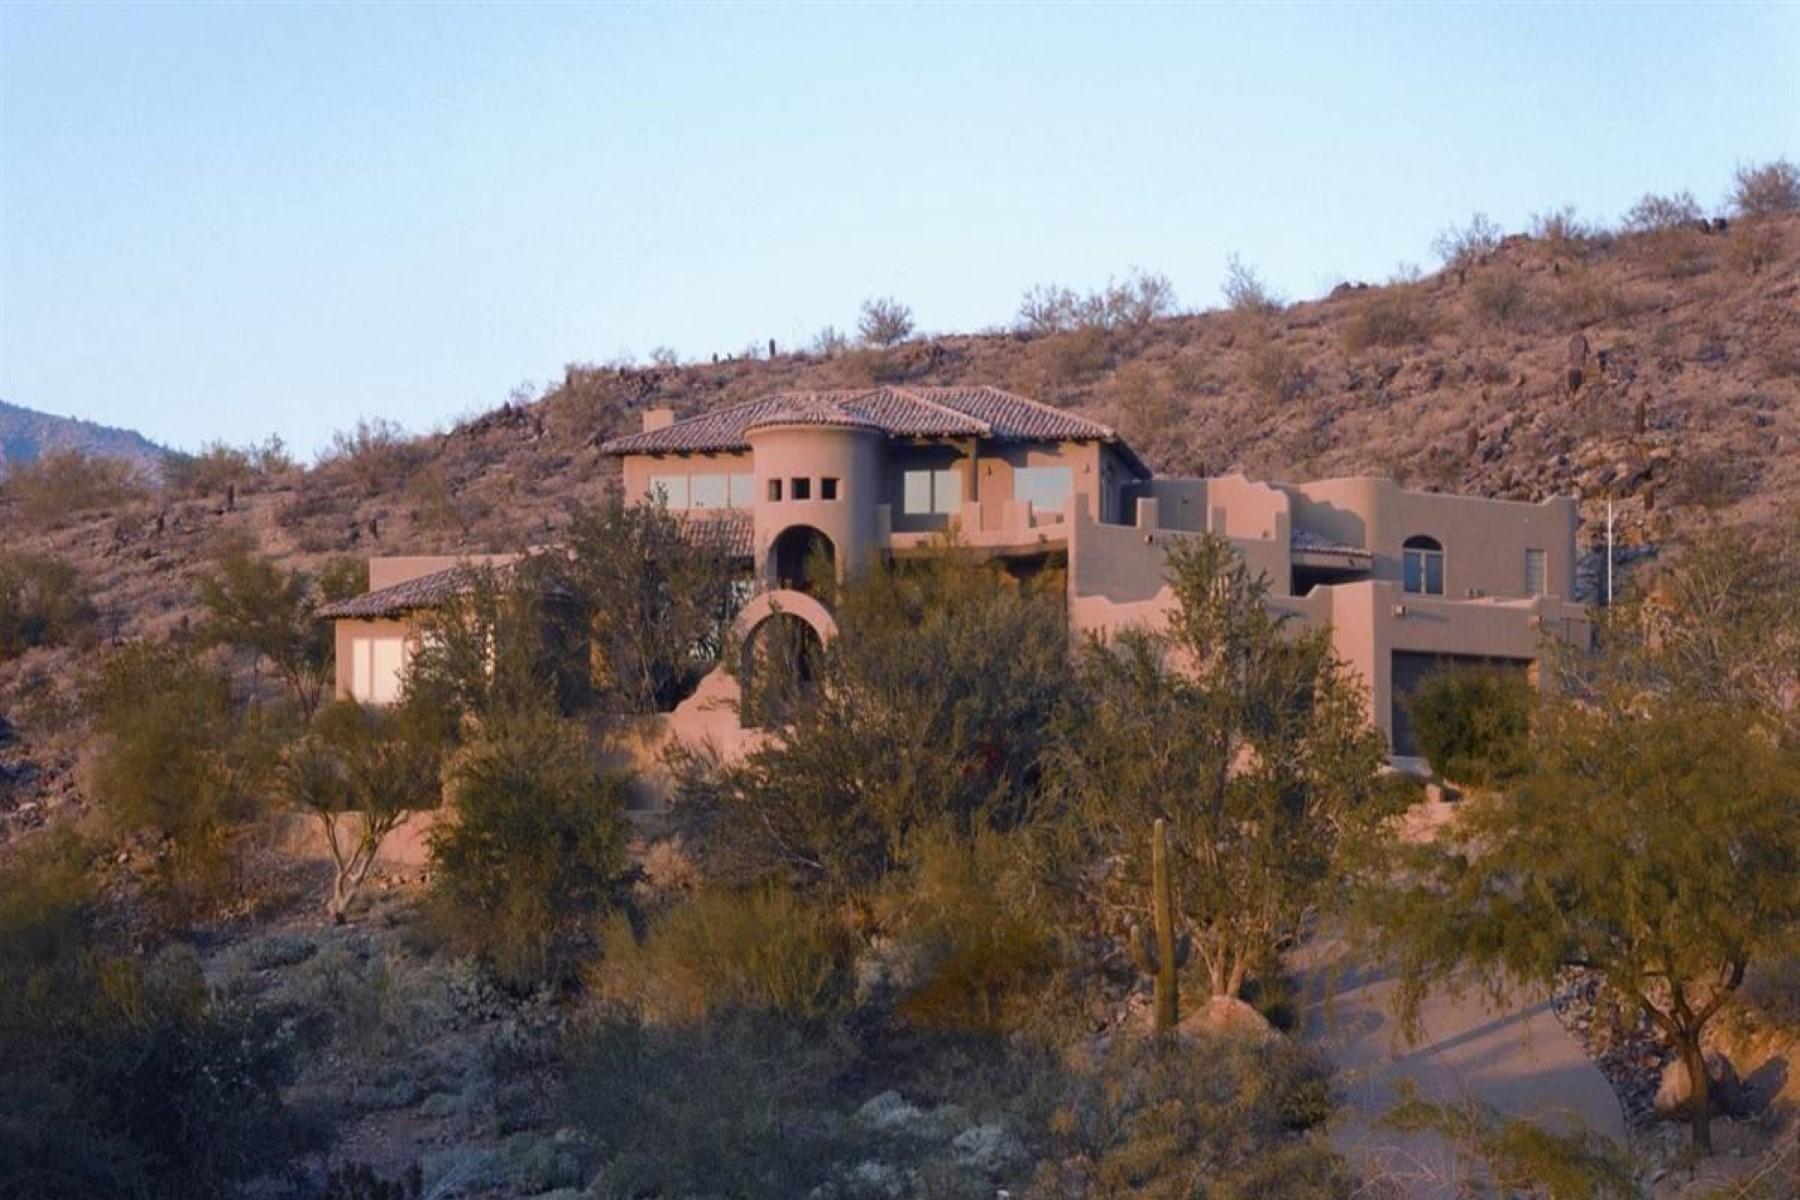 Maison unifamiliale pour l Vente à Perched majestically on 2+ acres of private hillside. 13631 S Canyon DR Phoenix, Arizona 85048 États-Unis